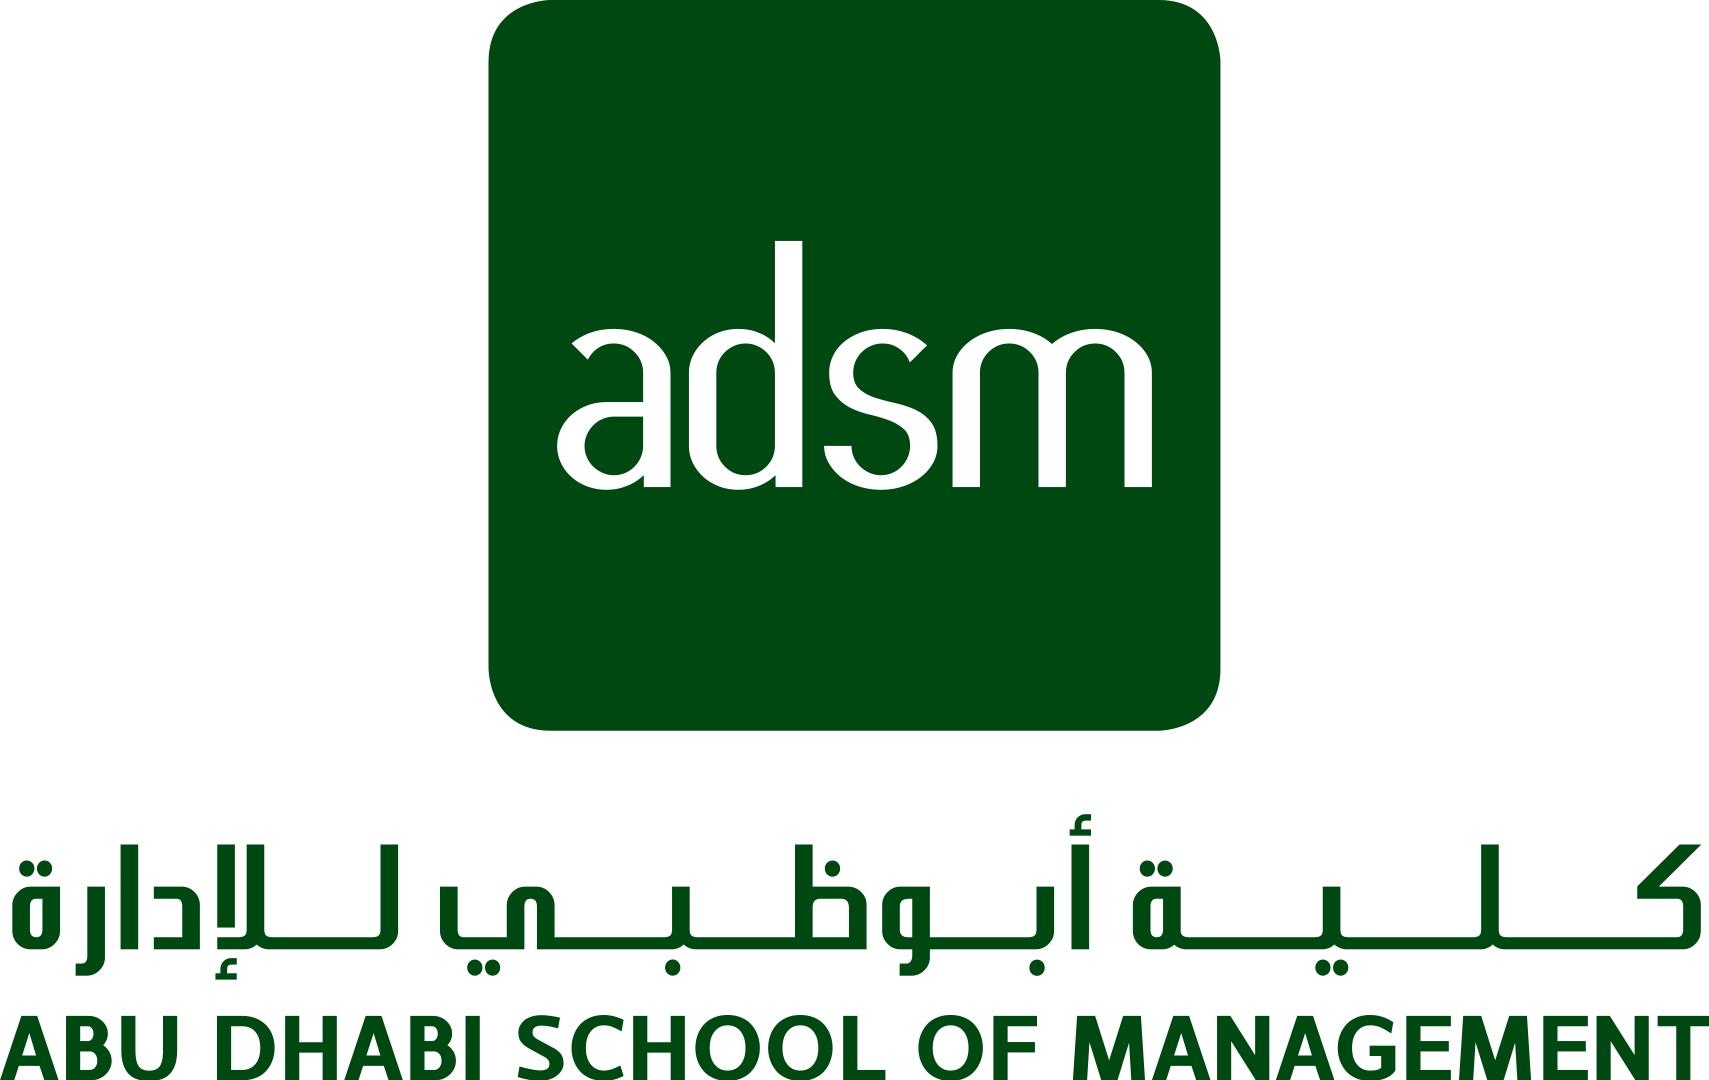 Abu Dhabi School of Management